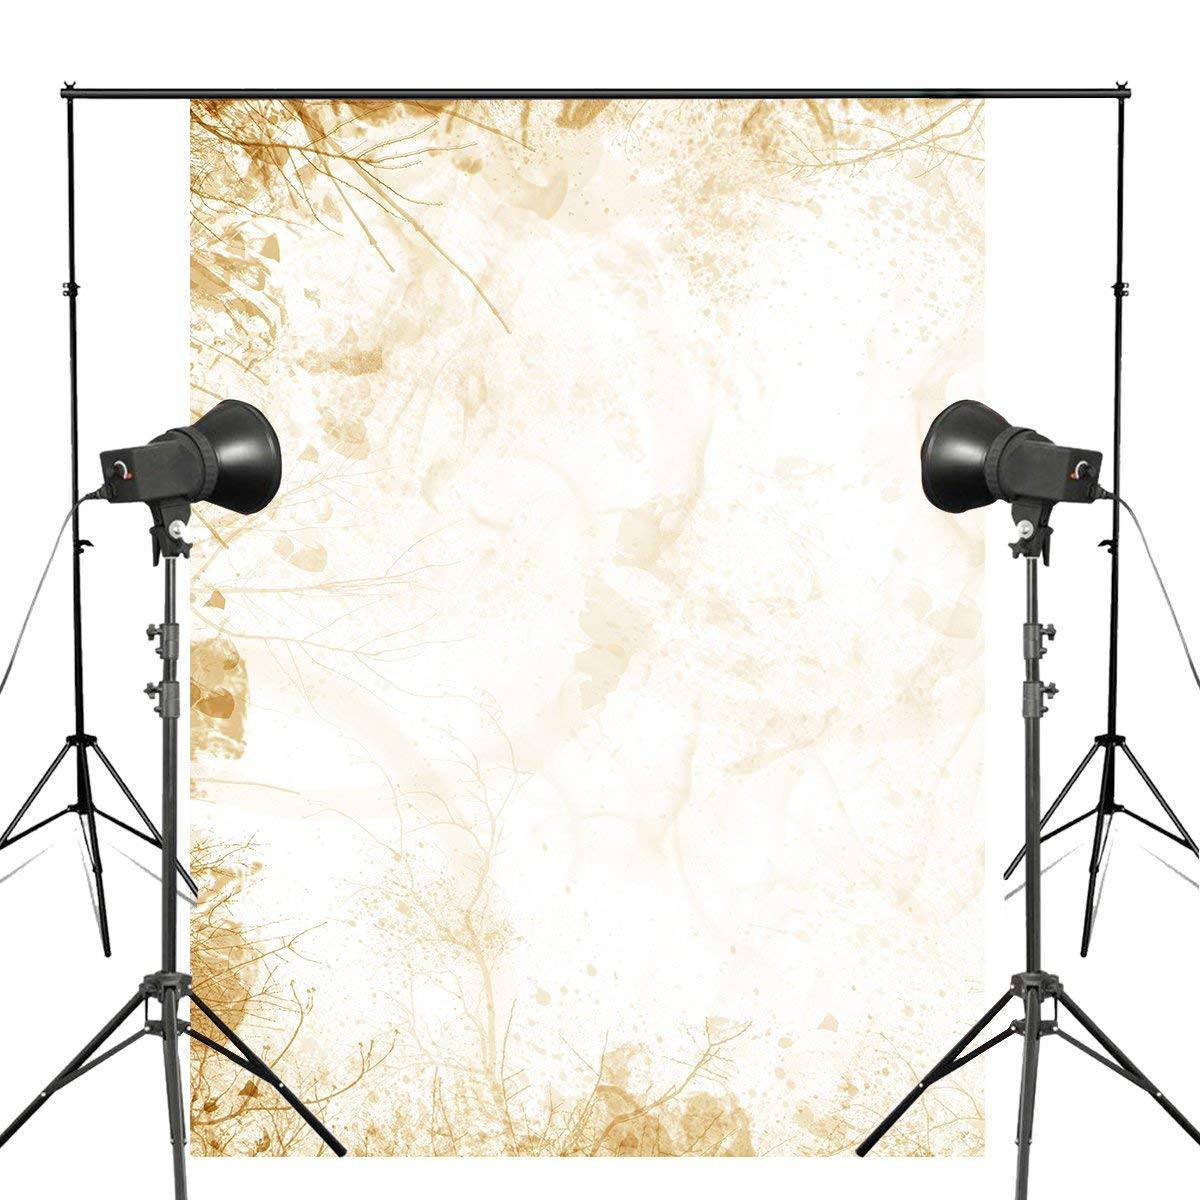 Яркий высушите прутья фон для фотосъемки фон, картина фон природные фотопейзажи студия реквизит фон стены 5x7ft-in Аксессуары для фотостудии from Бытовая электроника on AliExpress - 11.11_Double 11_Singles' Day